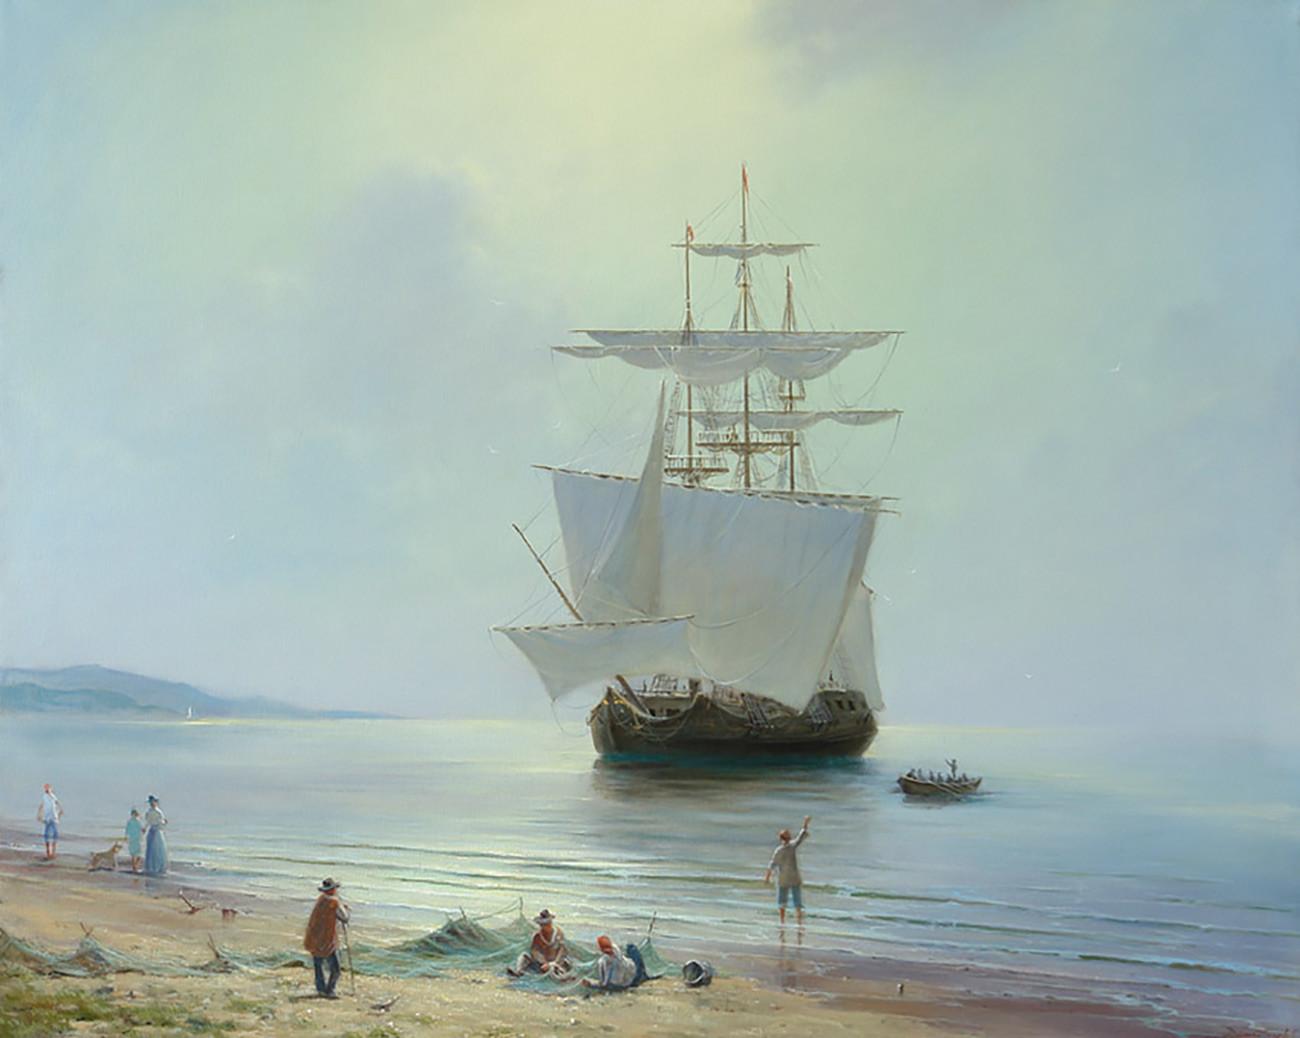 Gueorgui Dmitriev. Chaude journée à la mer (2015)